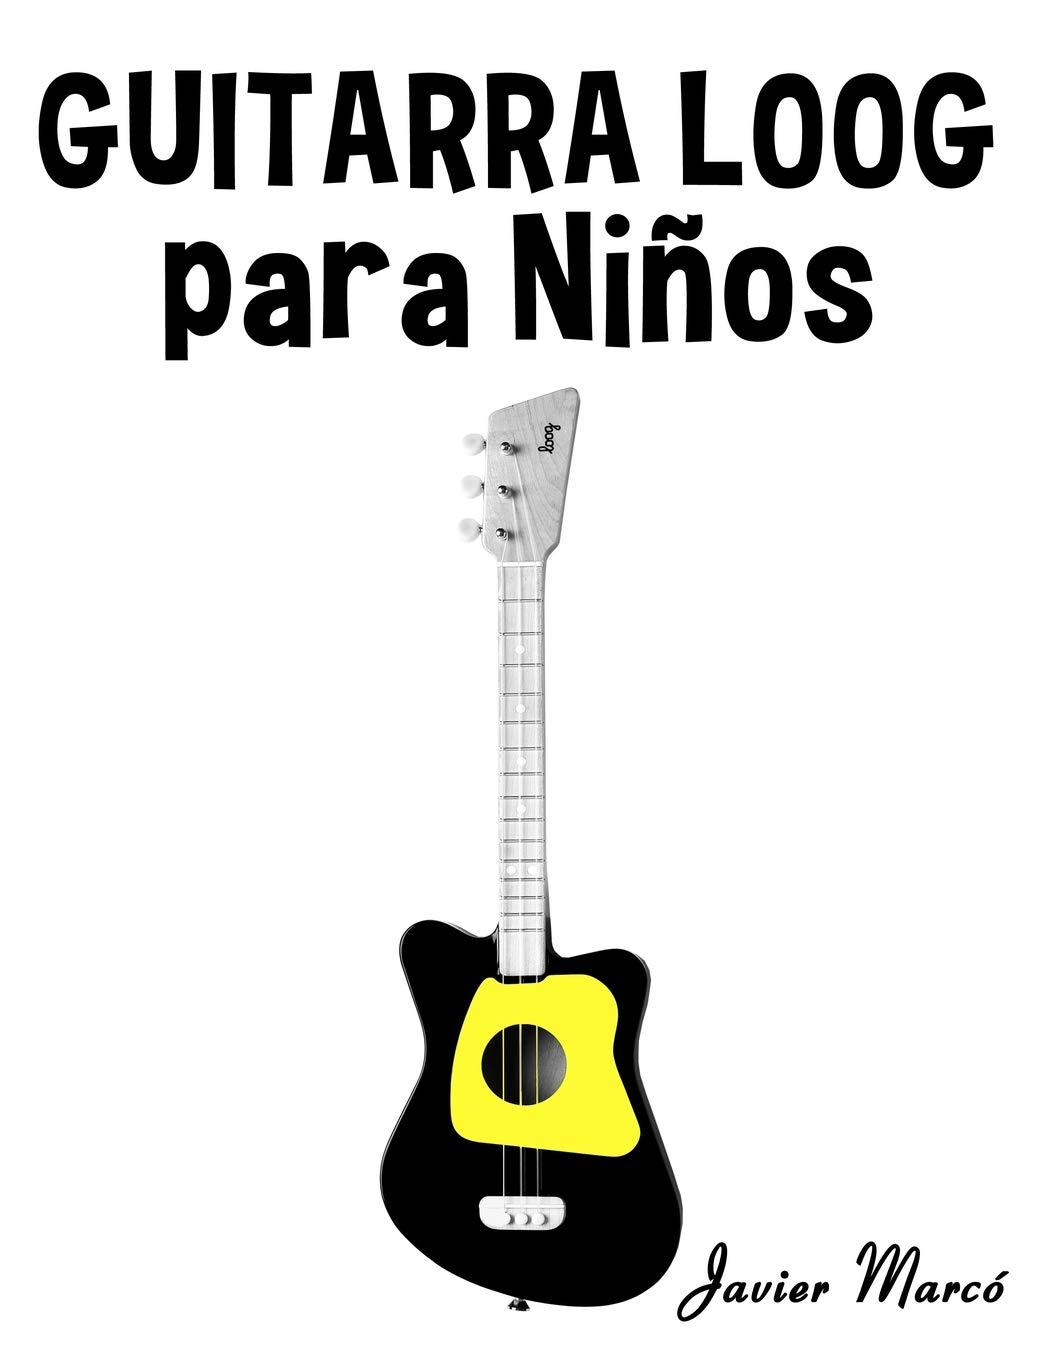 Guitarra Loog para Niños: Música Clásica, Villancicos de Navidad, Canciones Infantiles, Tradicionales y Folclóricas!: Amazon.es: Javier Marcó: Libros